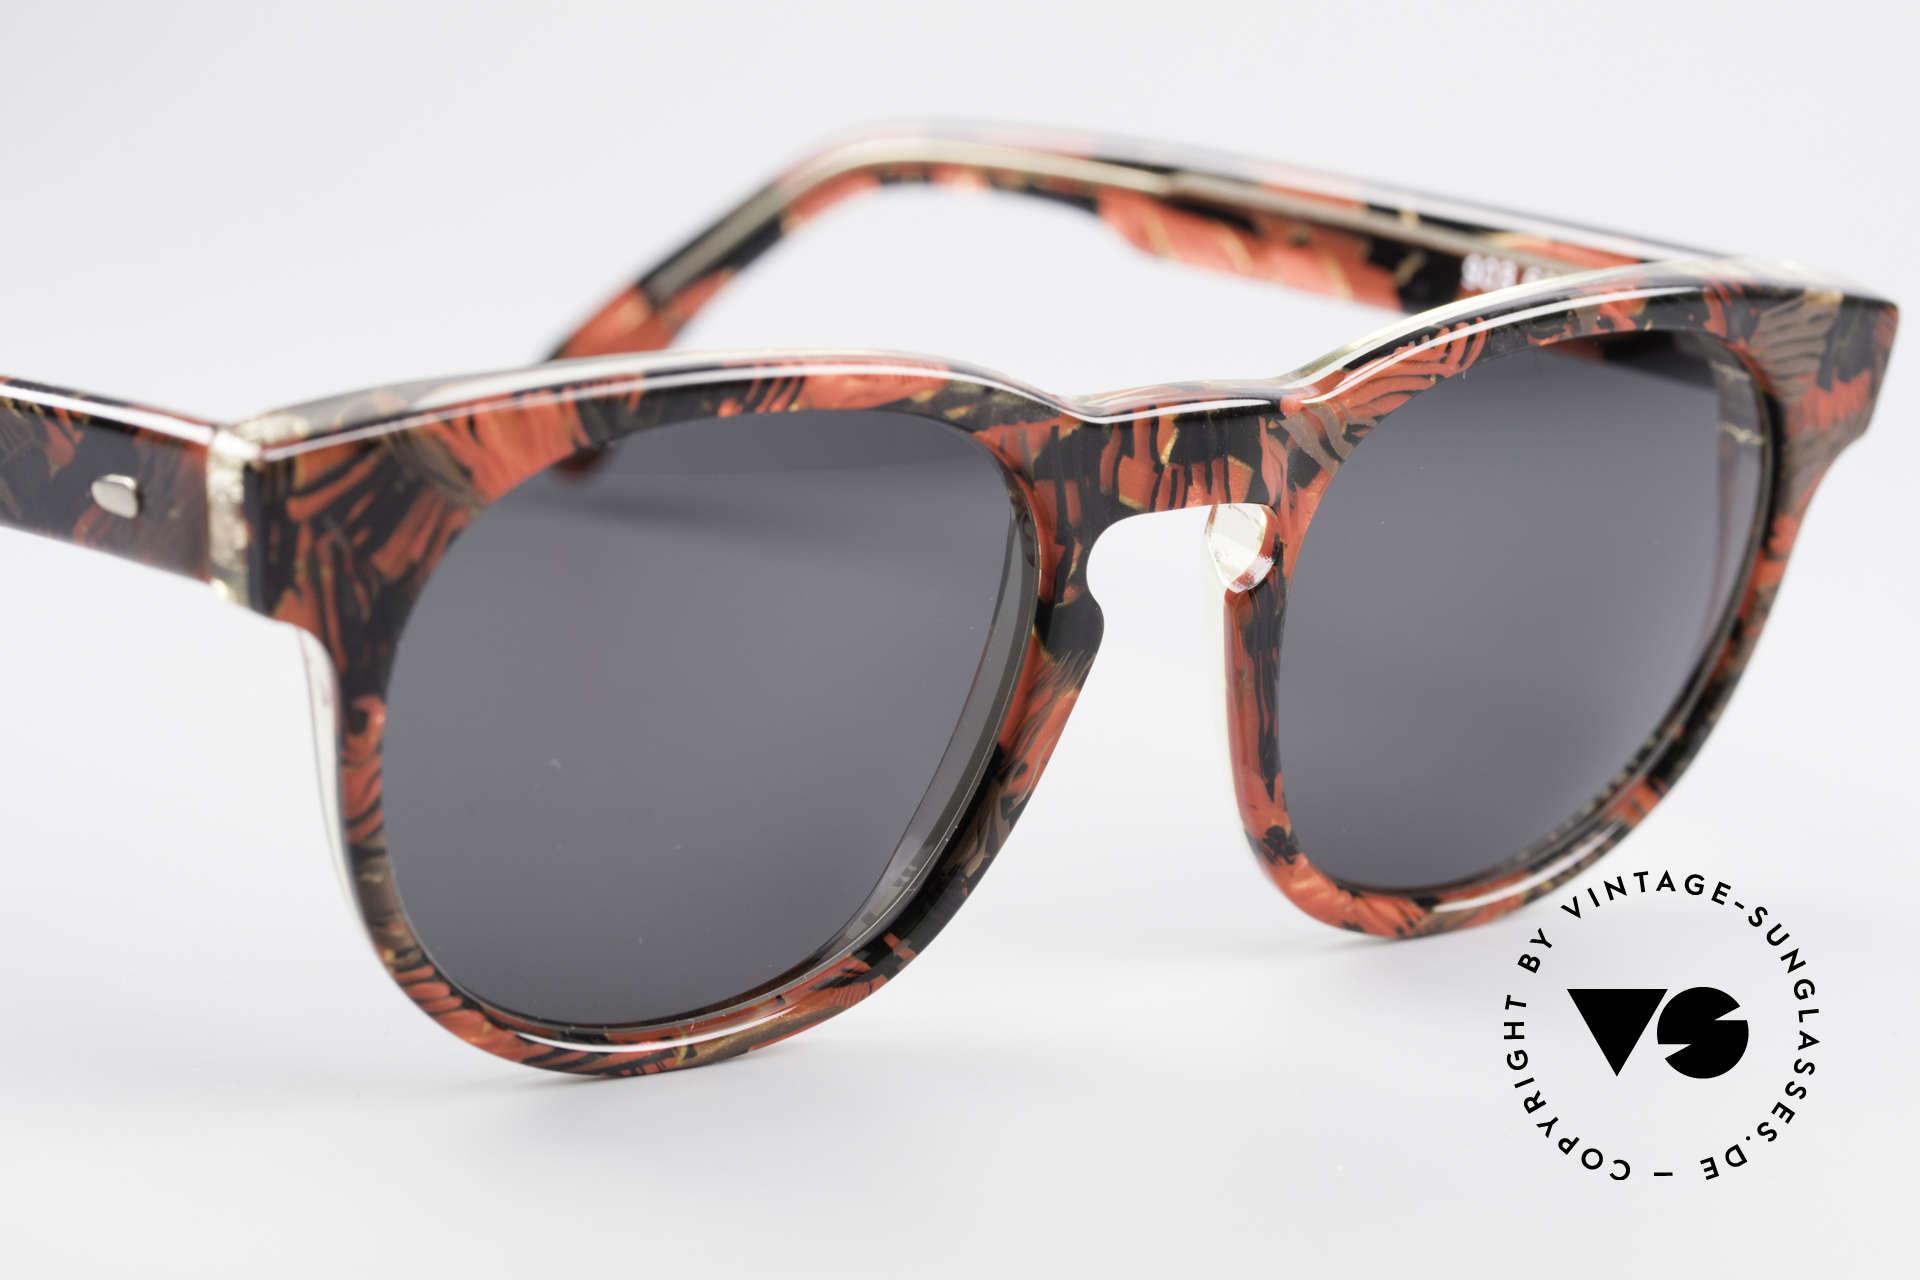 Alain Mikli 903 / 687 80er Panto Sonnenbrille Small, ungetragen (wie alle unsere 1980er vintage Brillen), Passend für Herren und Damen